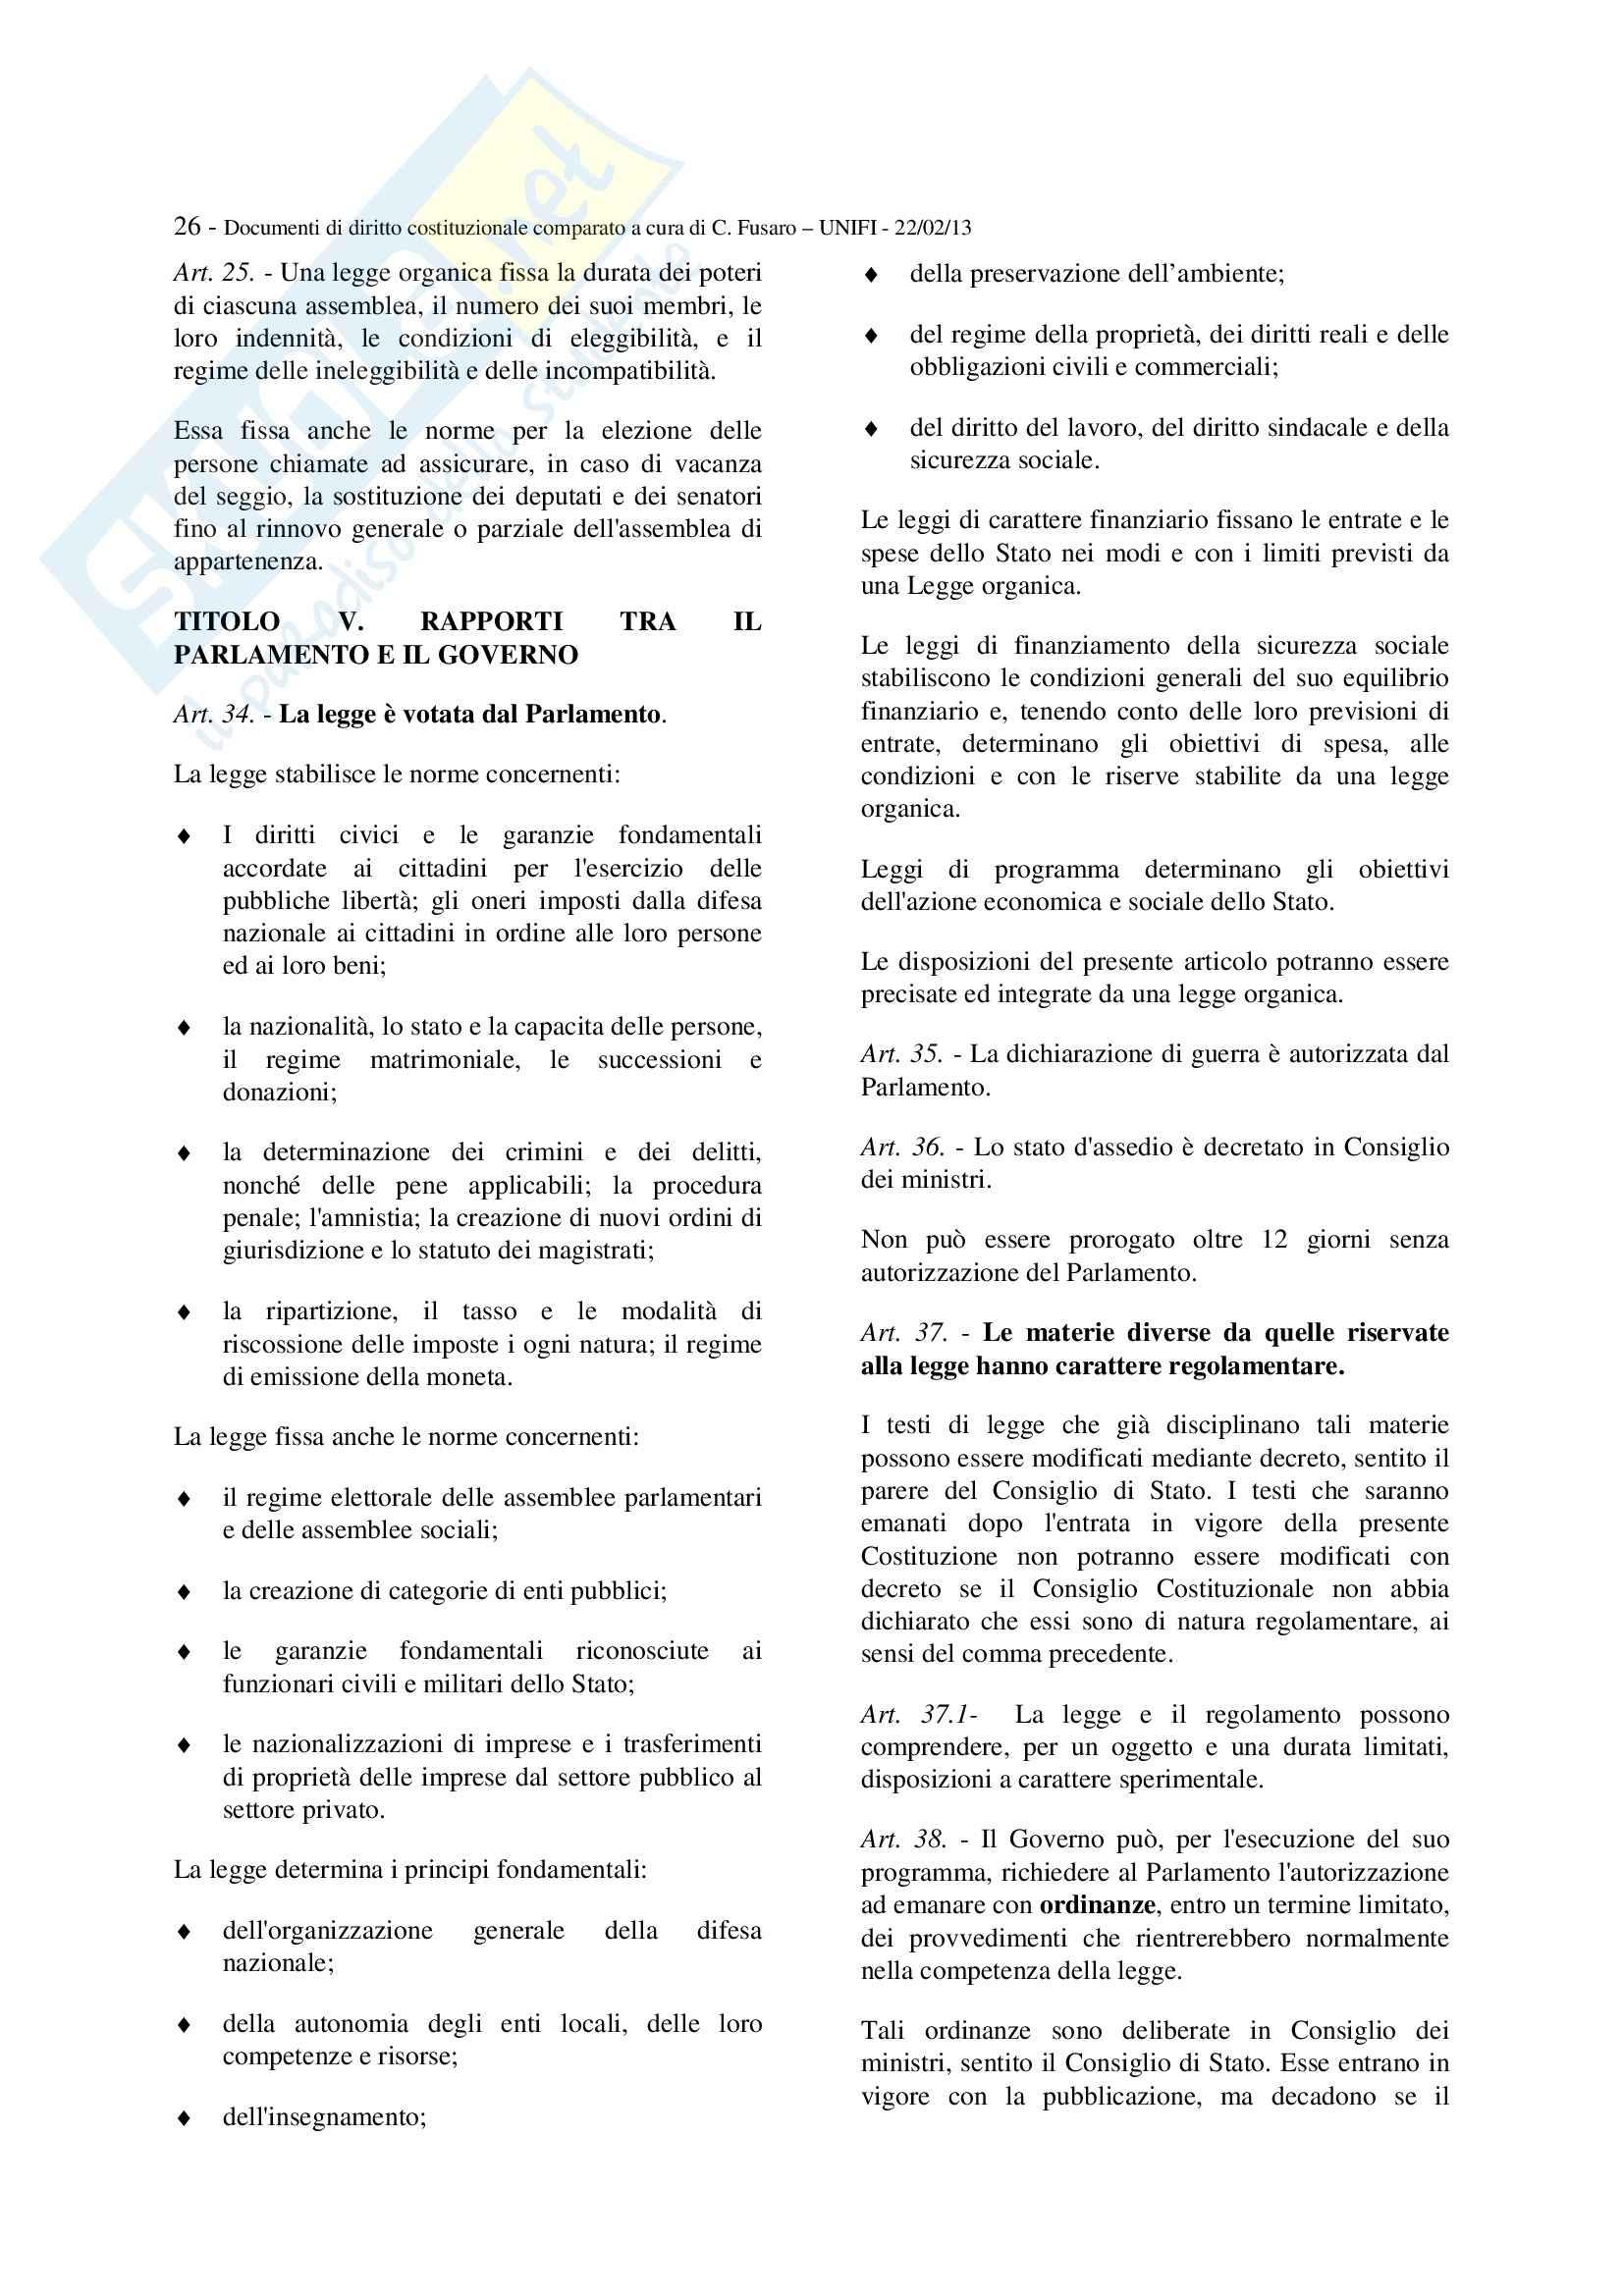 Diritto costituzionale italiano e comparato - gli estratti di testi costituzionali Pag. 26